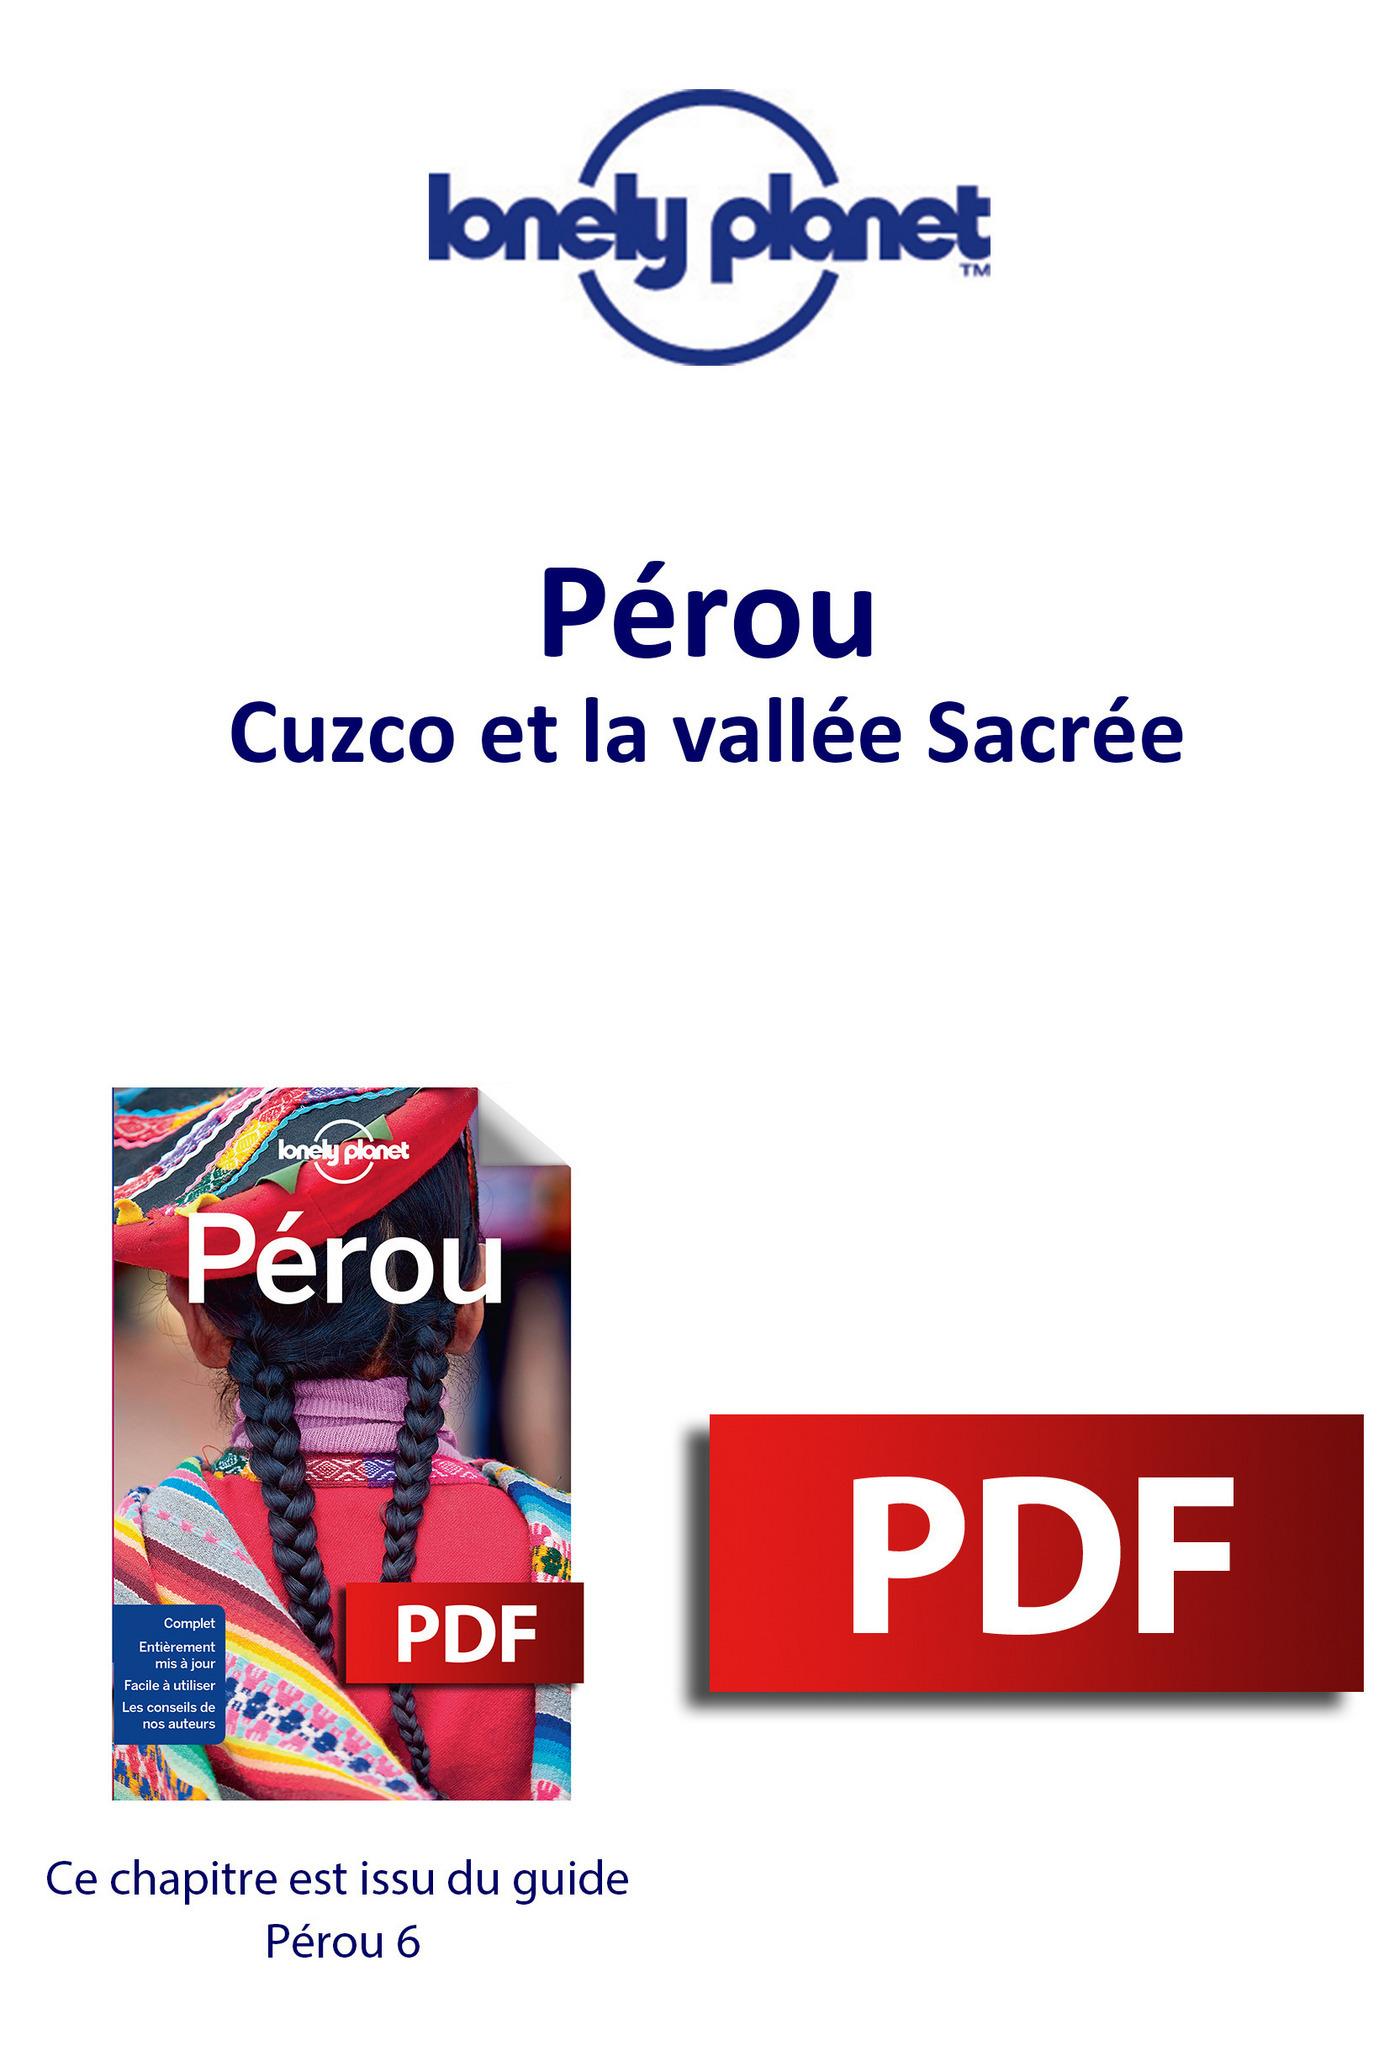 Pérou - Cuzco et la vallée Sacrée